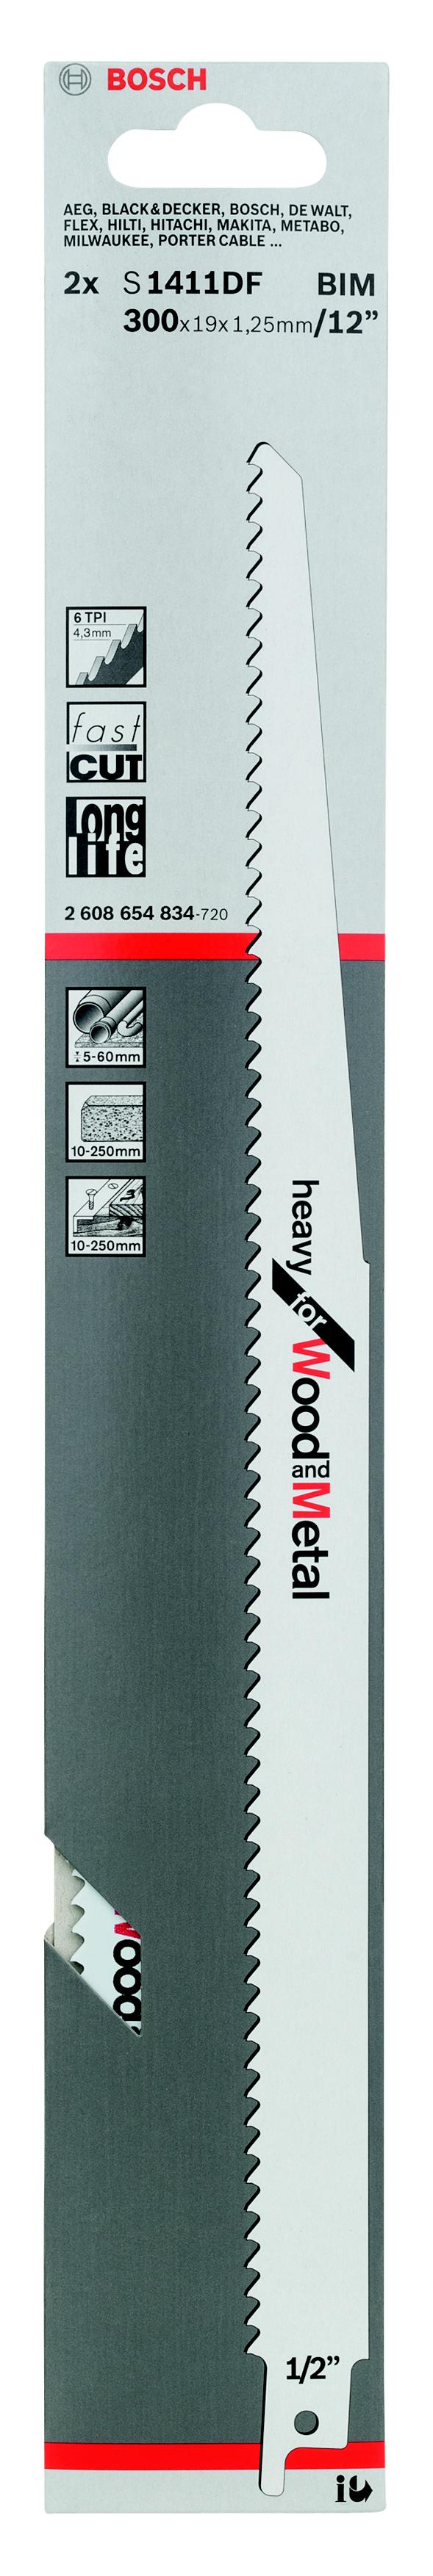 Полотно для сабельной пилы Bosch S 1411 df (2.608.654.834) полотно для сабельной пилы bosch 300 мм для gsg 300 2 607 018 012